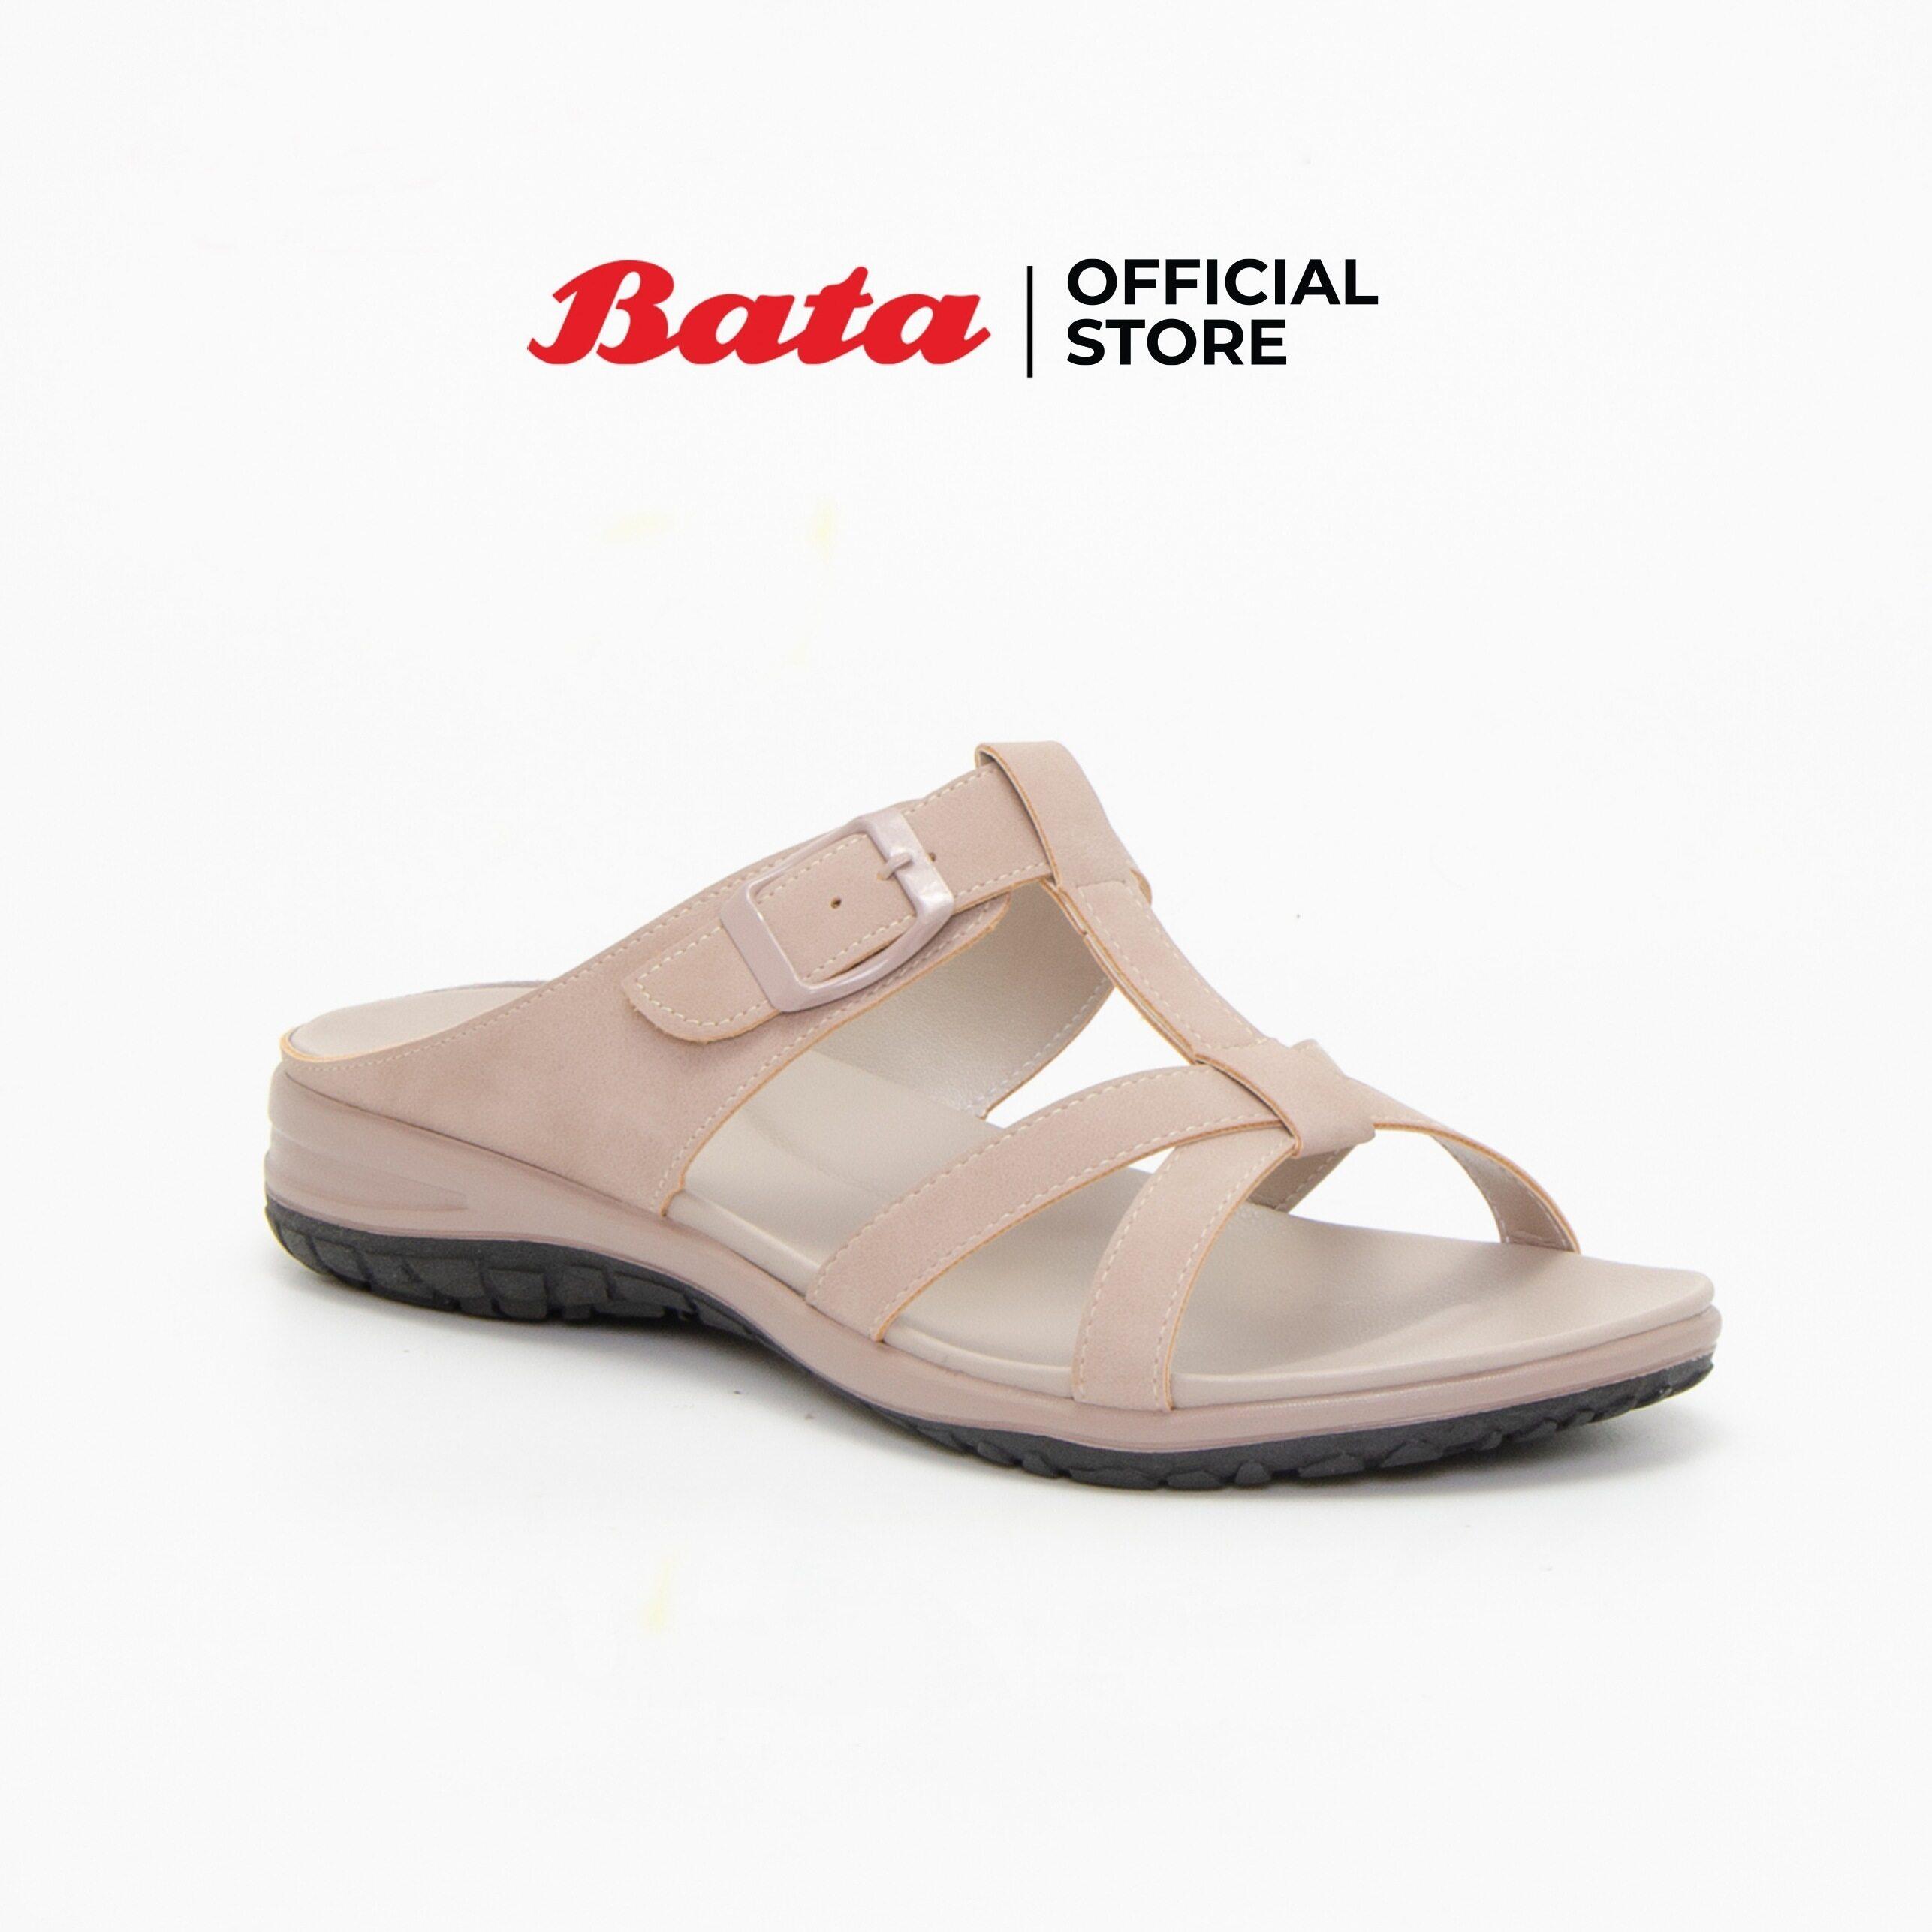 Bata Womens Mules Flats รองเท้าส้นแบนสำหรับผู้หญิง รุ่น Gade สีเบจ 6618662.